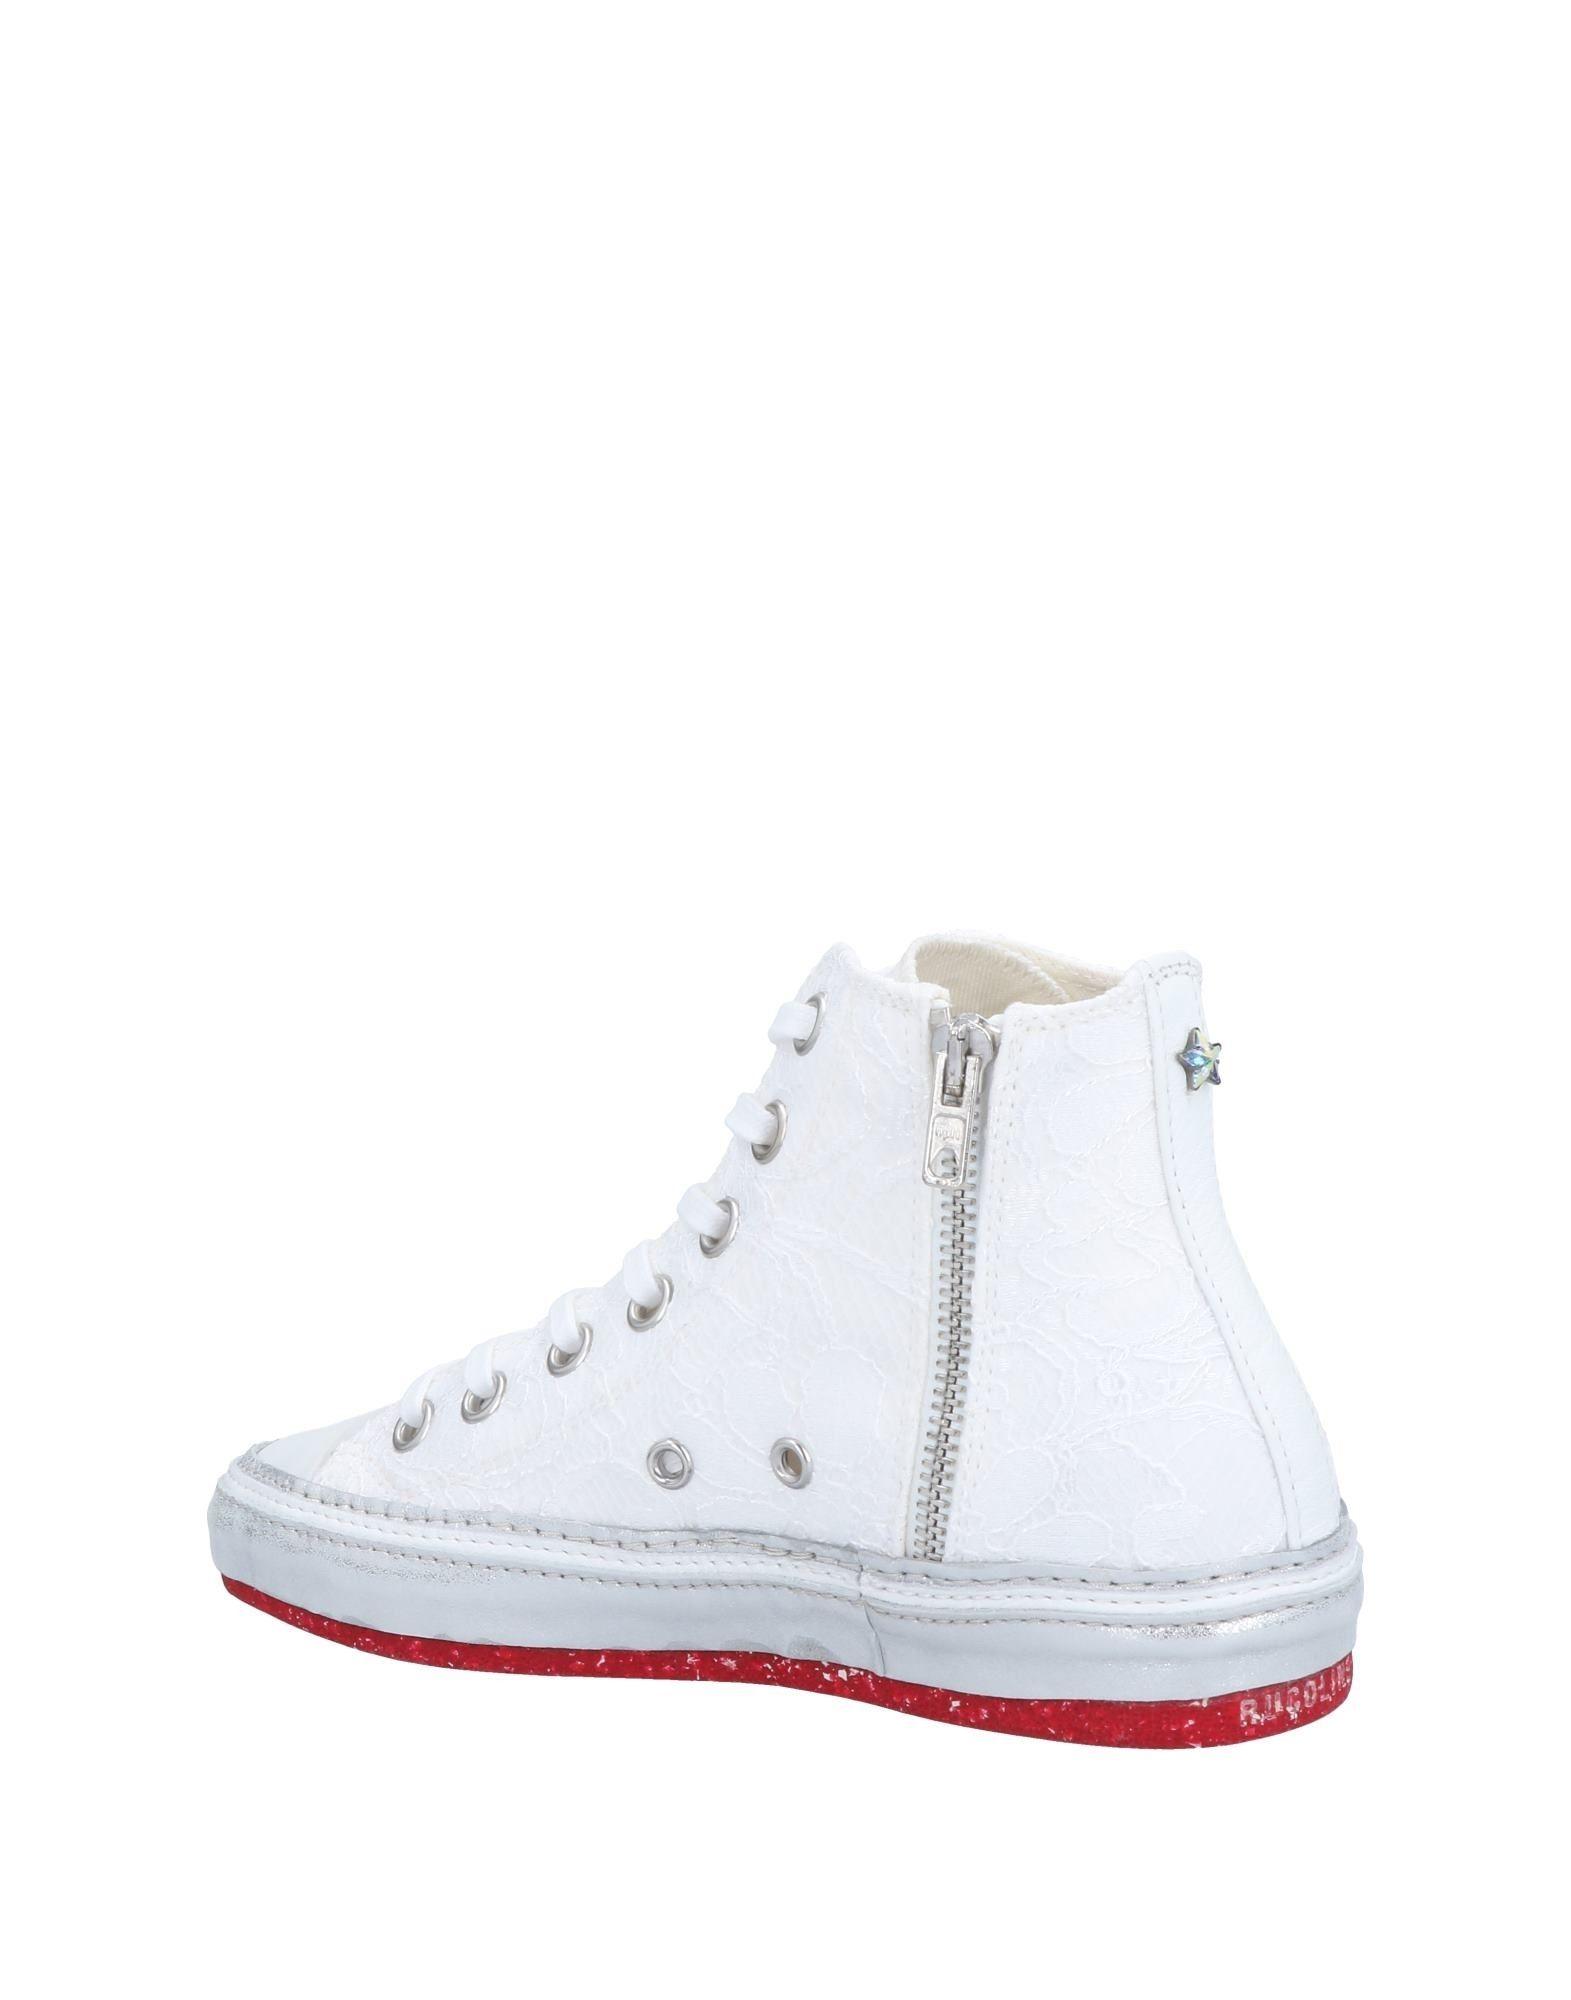 Ruco Line Sneakers Damen Gutes es Preis-Leistungs-Verhältnis, es Gutes lohnt sich 8d6103